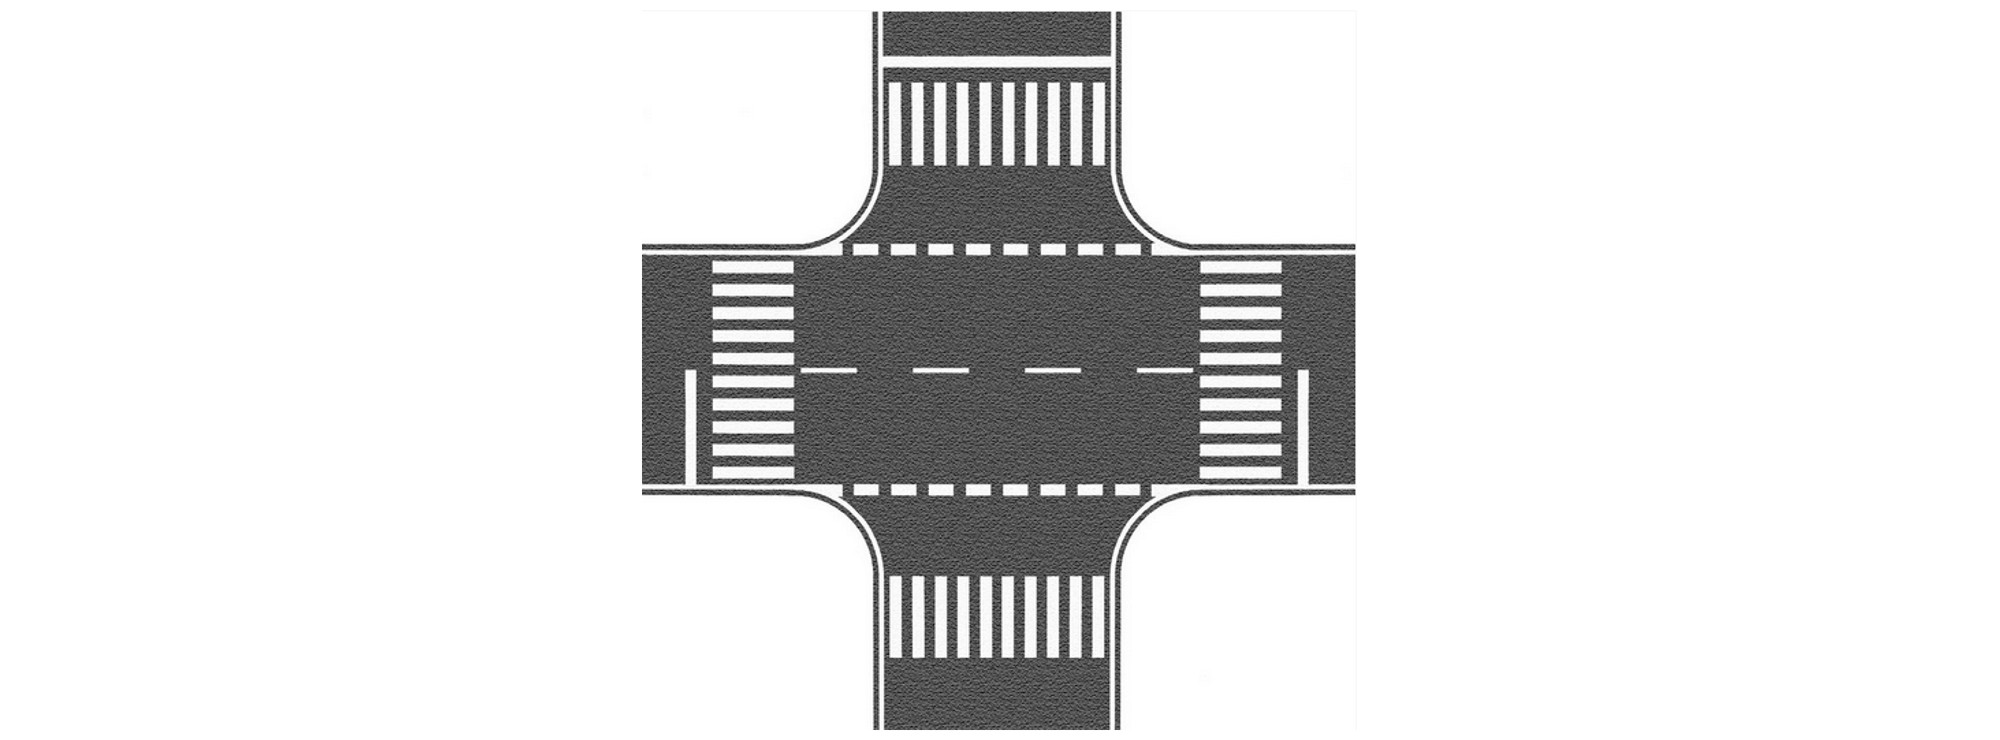 картинка перекресток с пешеходным переходом они сочетают элементы